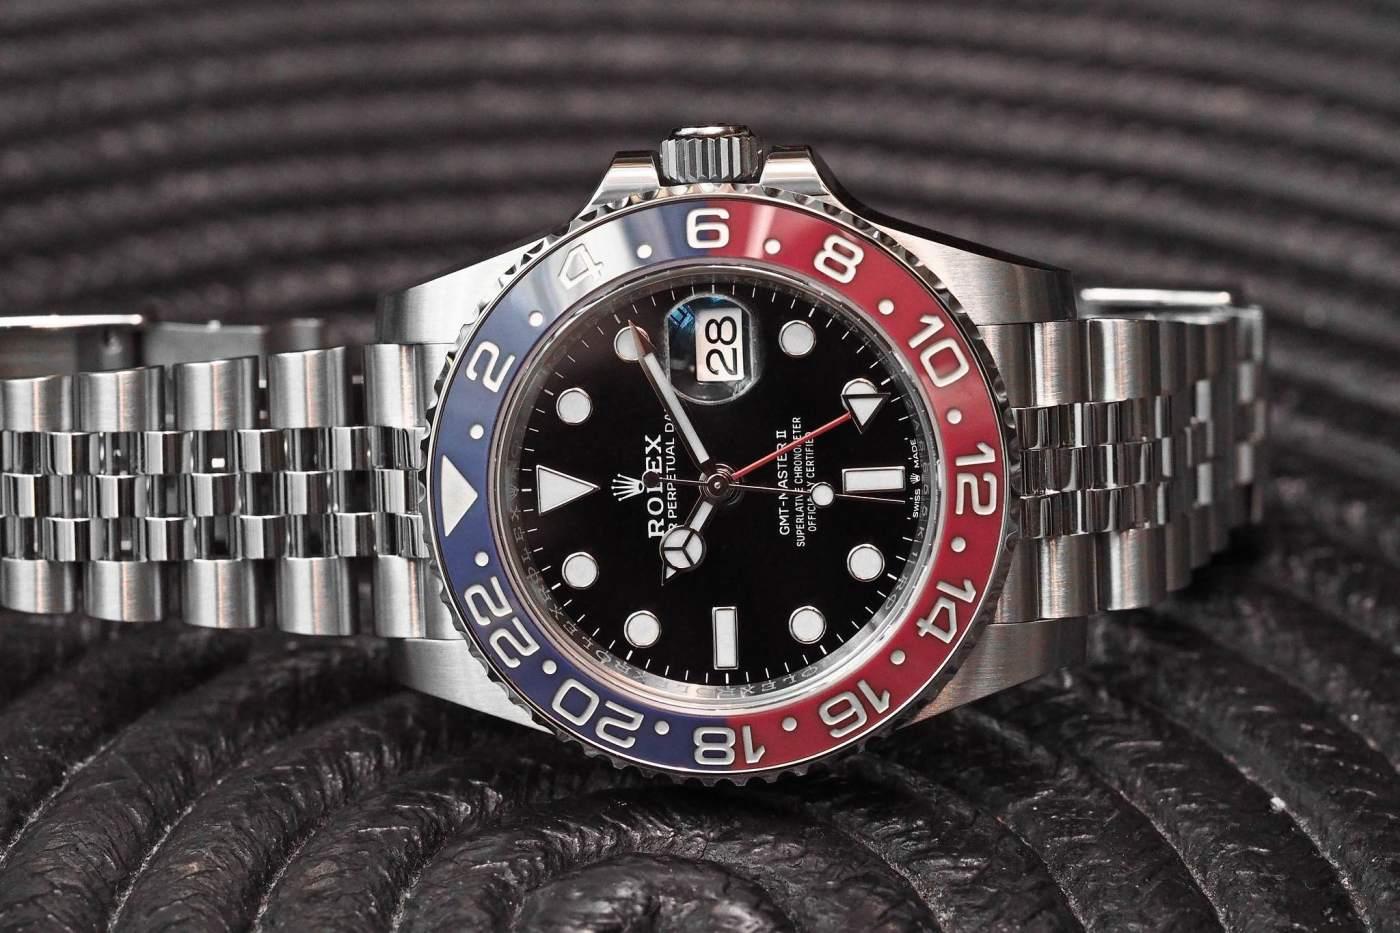 Rolex GMT Master II Pepsi Bezel steel